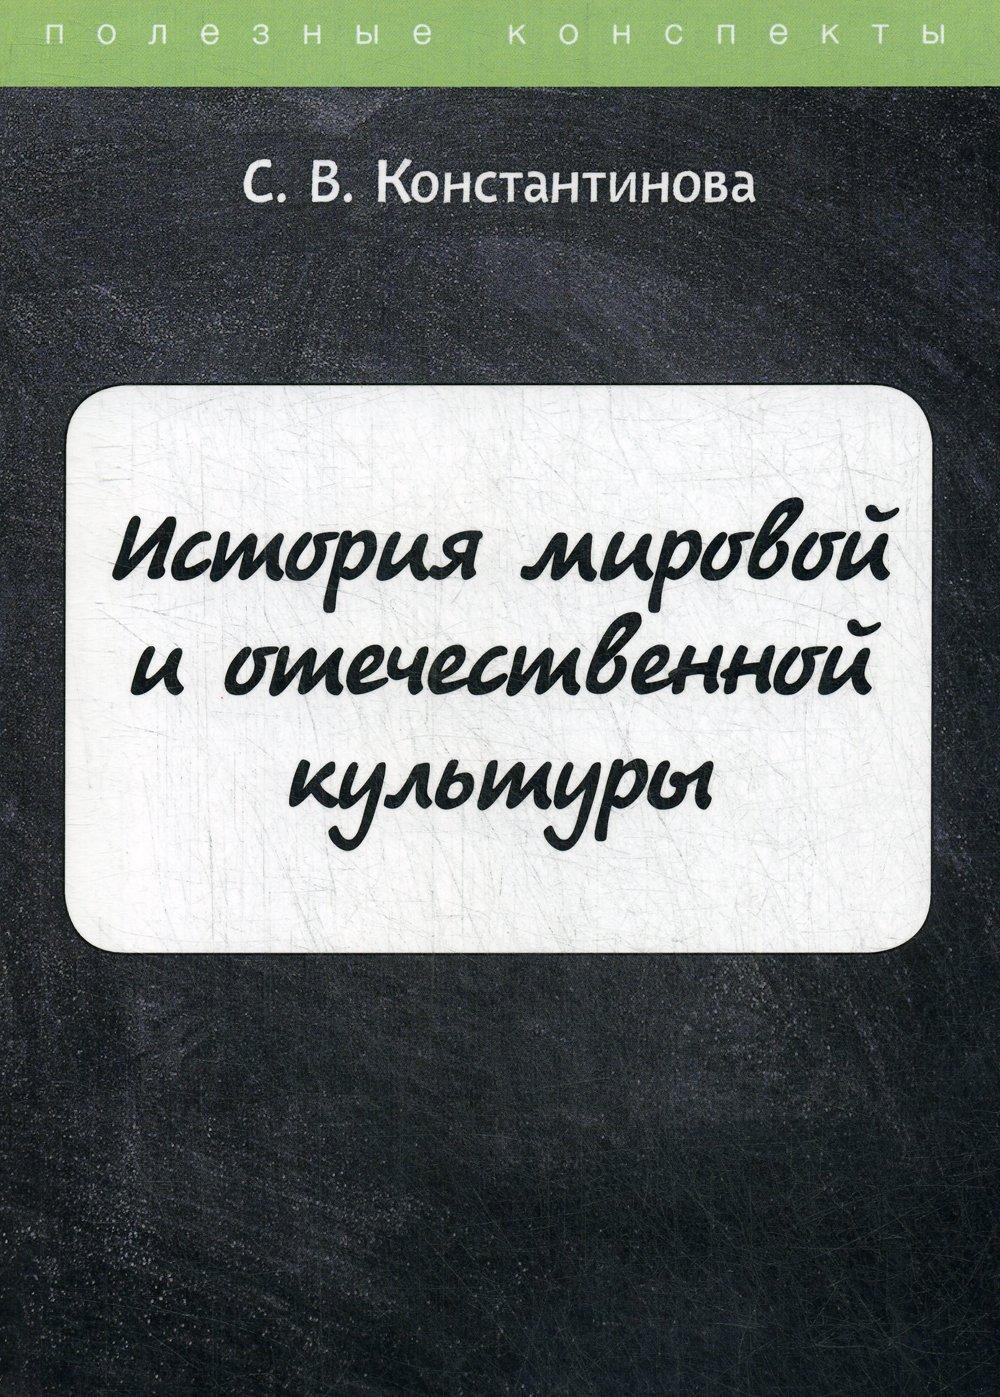 История мировой и отечественной культуры ( Константинова С. В.  )